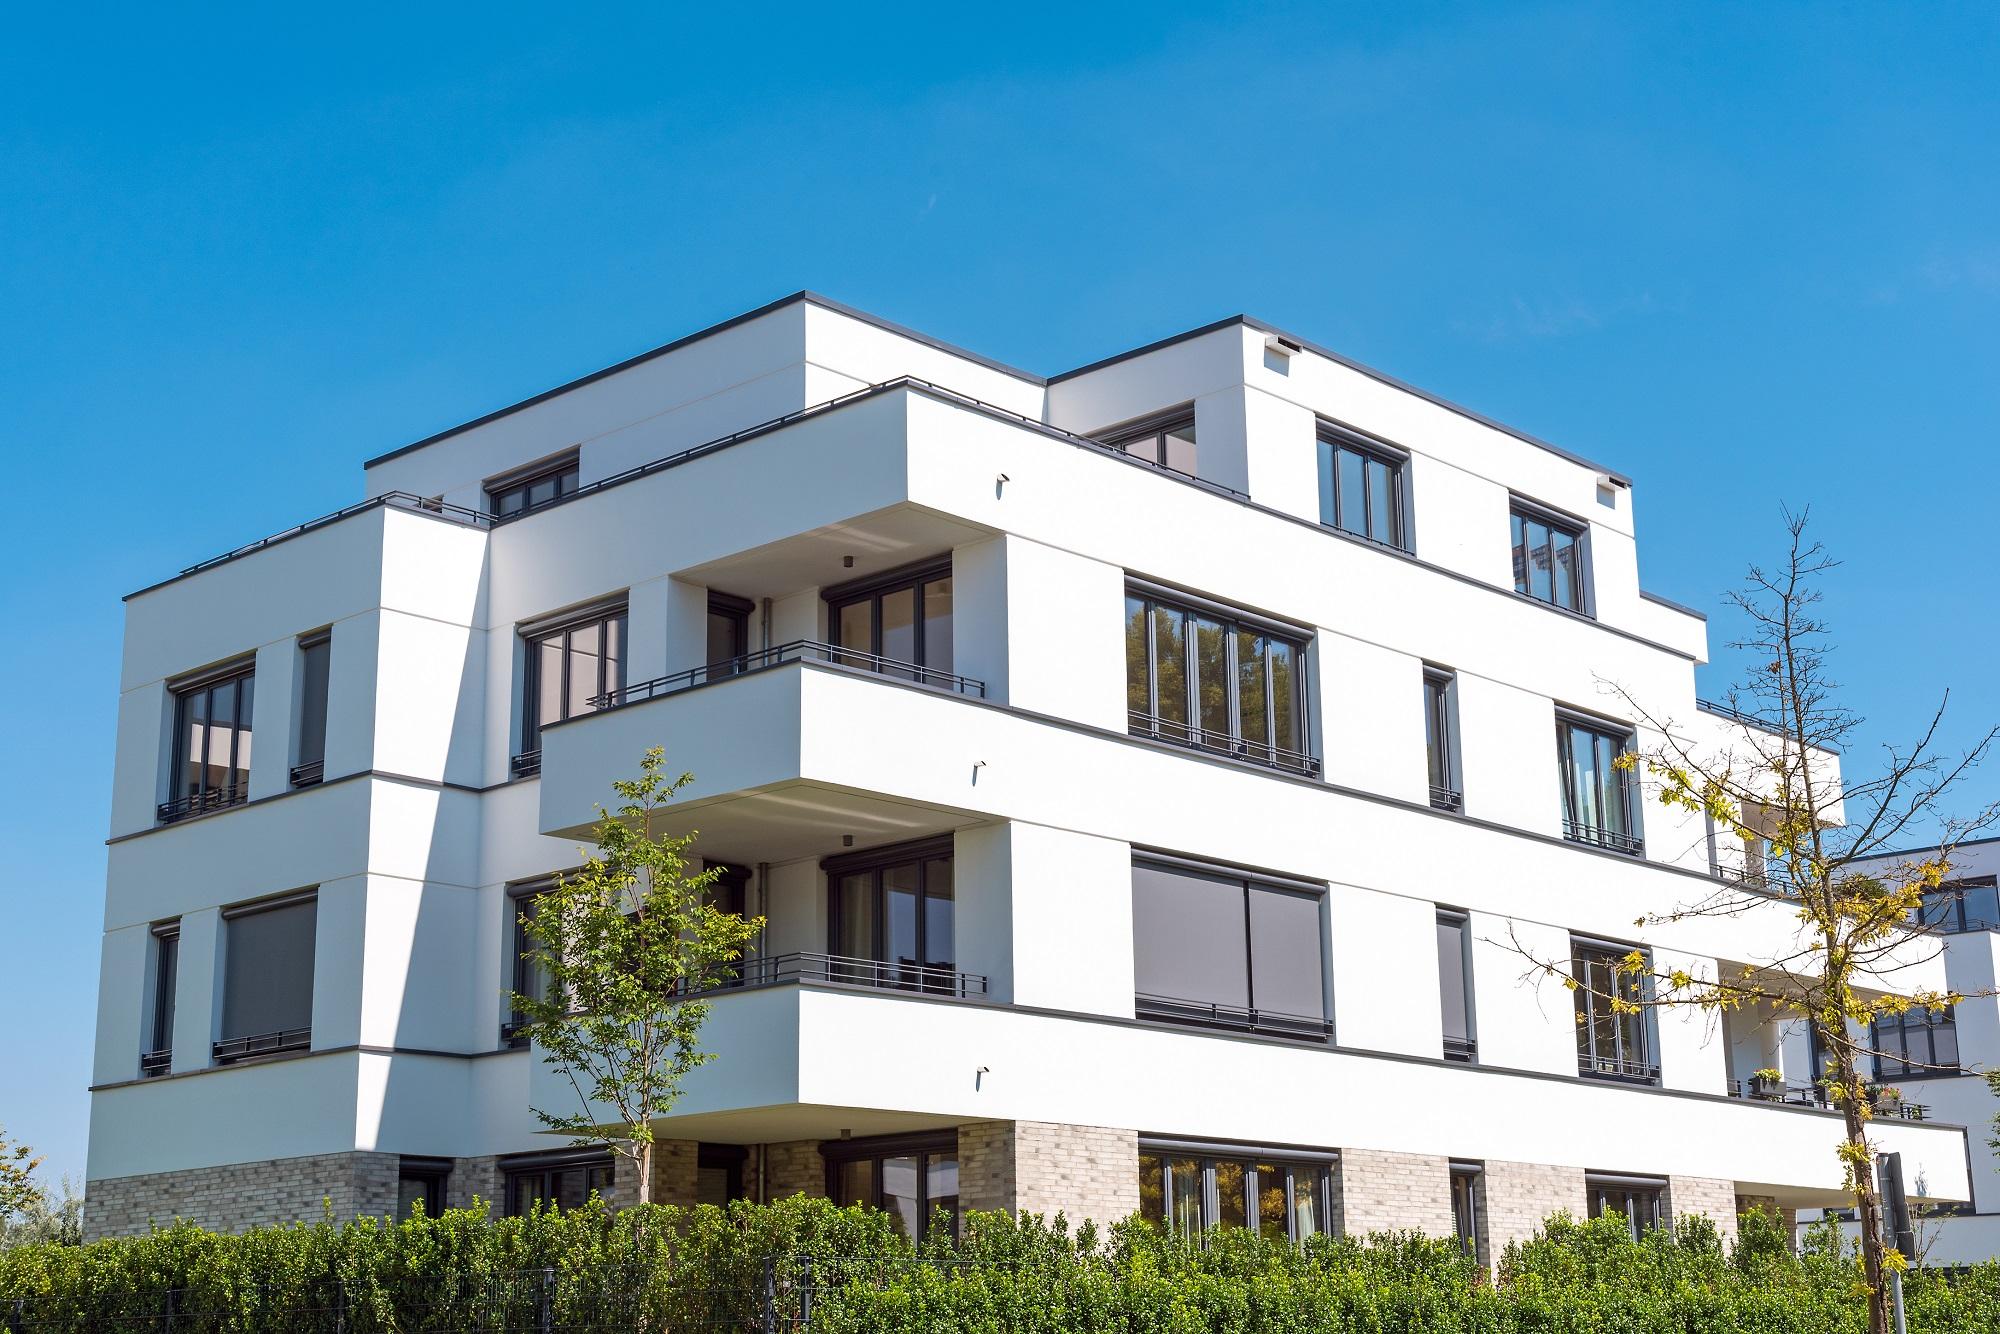 Immobilier neuf : le PSLA plébiscité par la Cour des Comptes